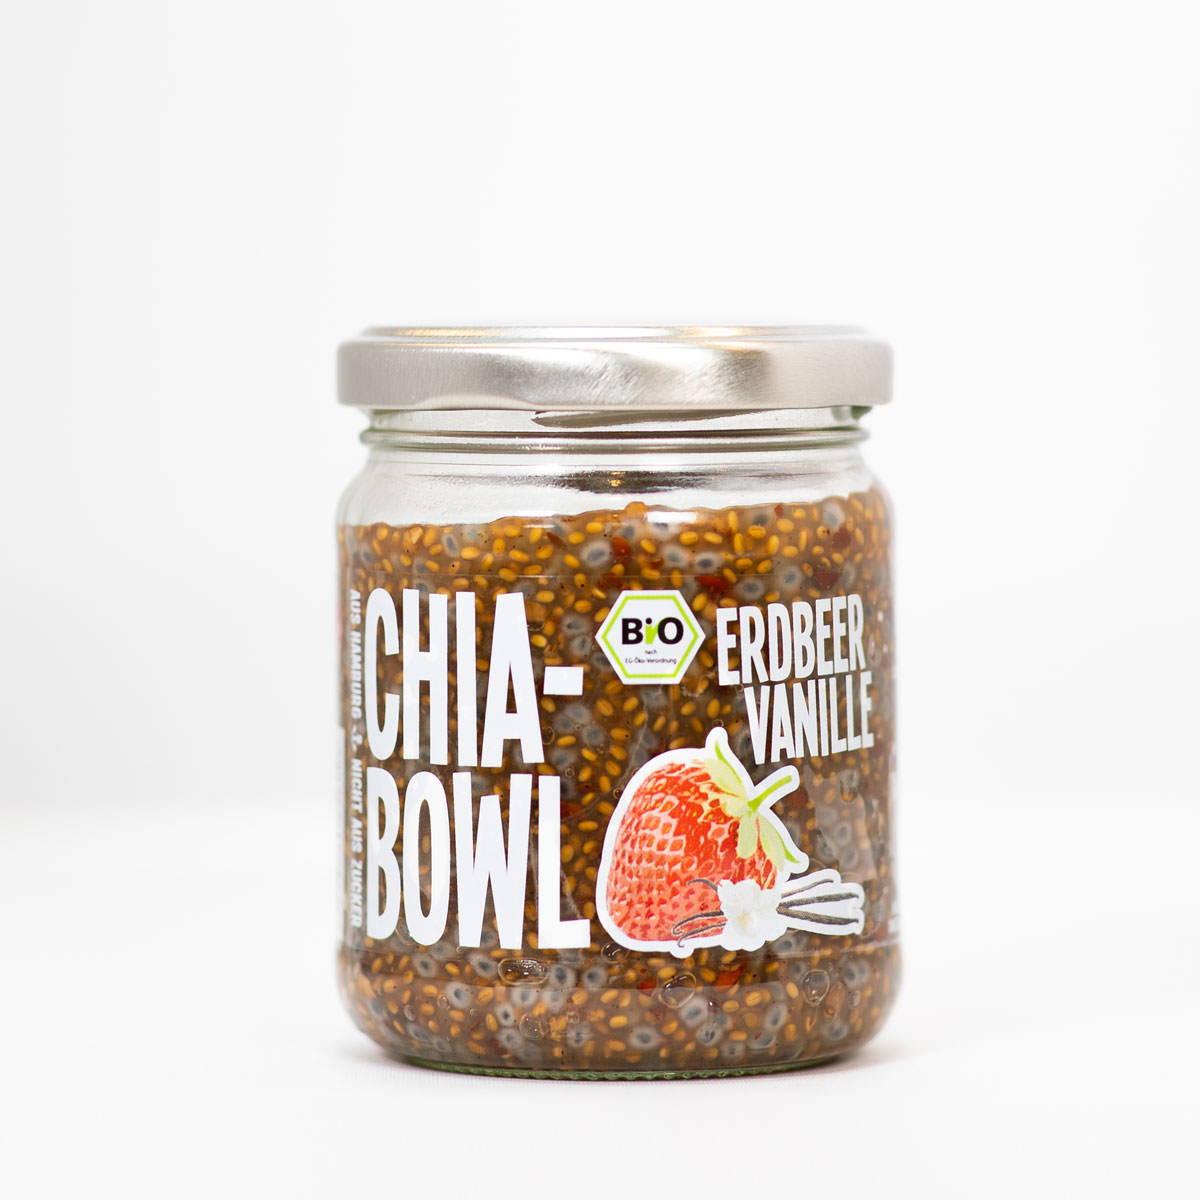 Chia Bowl Erdbeer Vanille